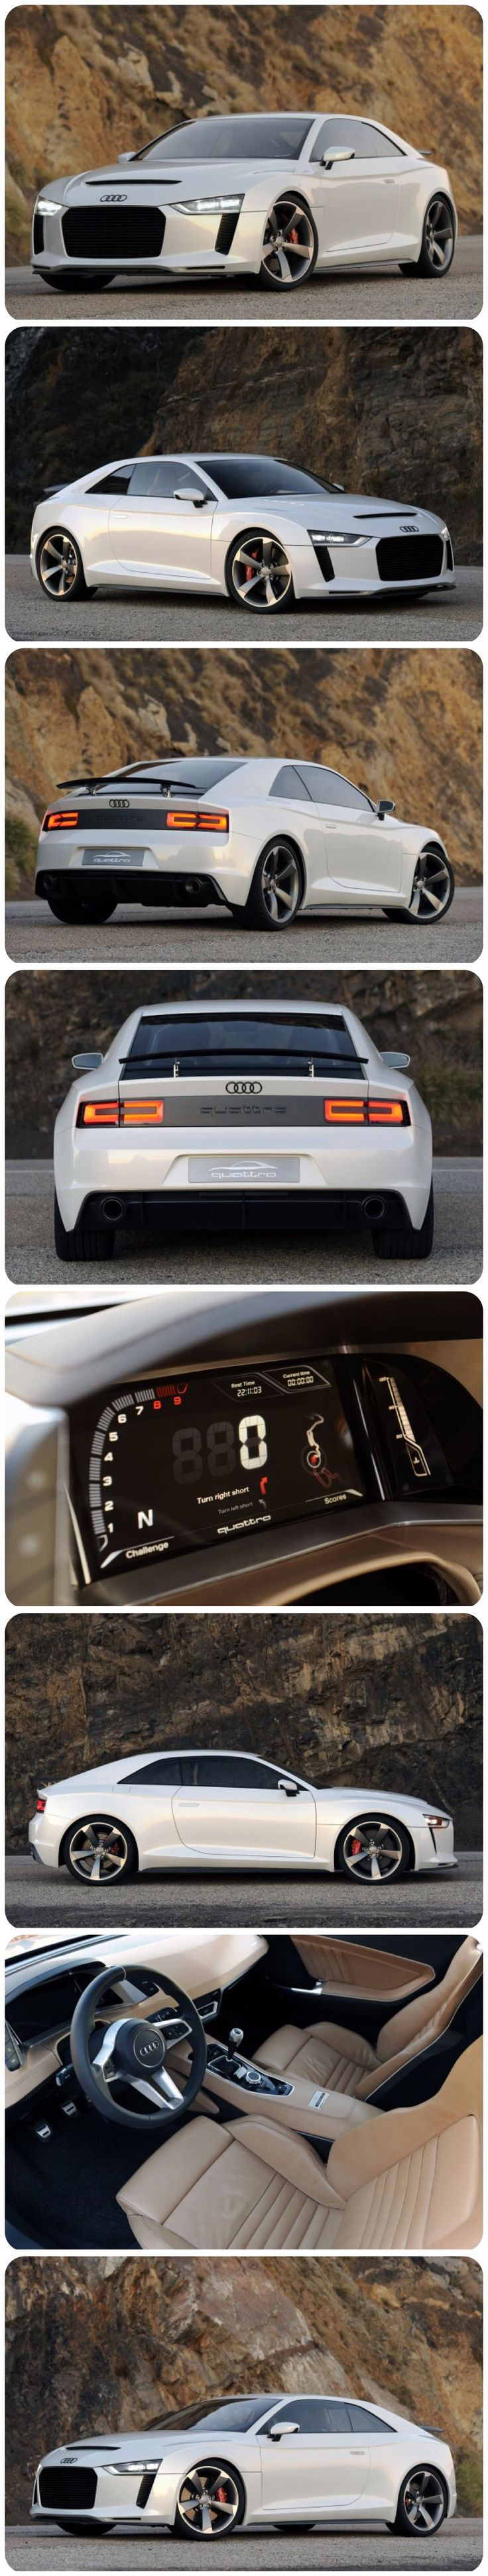 401 best Audis images on Pinterest